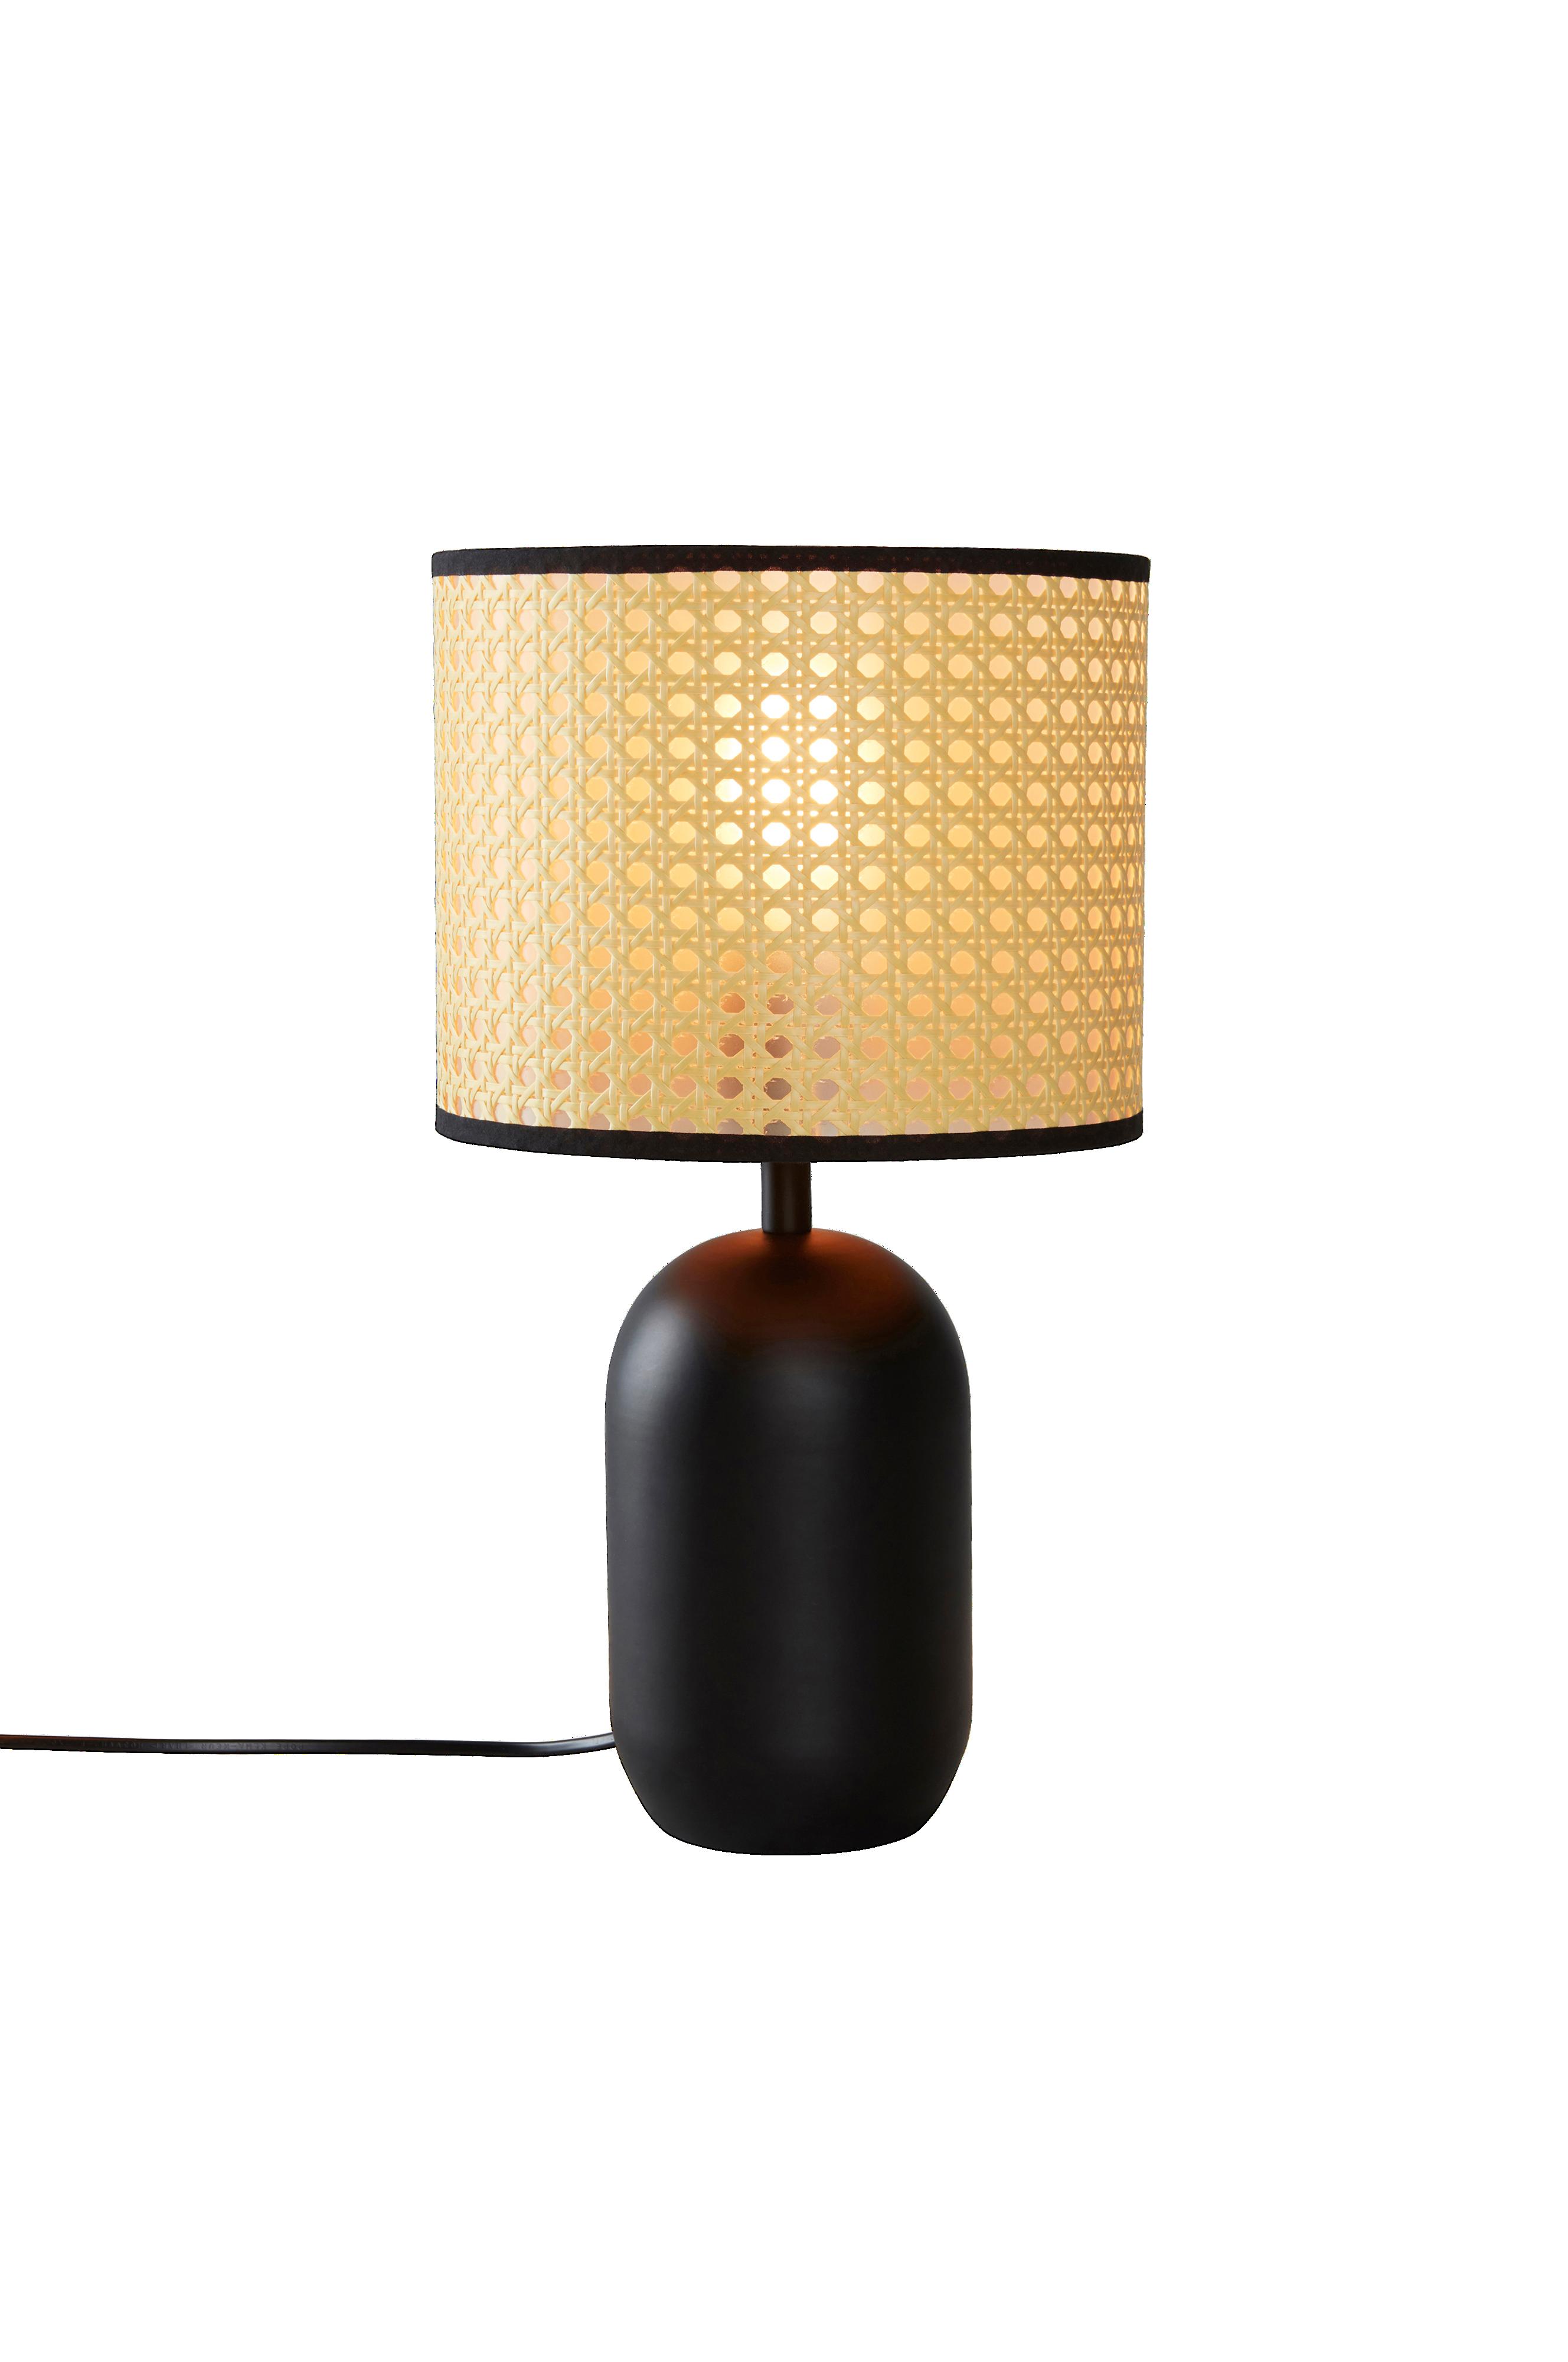 Bumbi Bordslampa I 2020 Bordslampa Lampbord Glodlampa